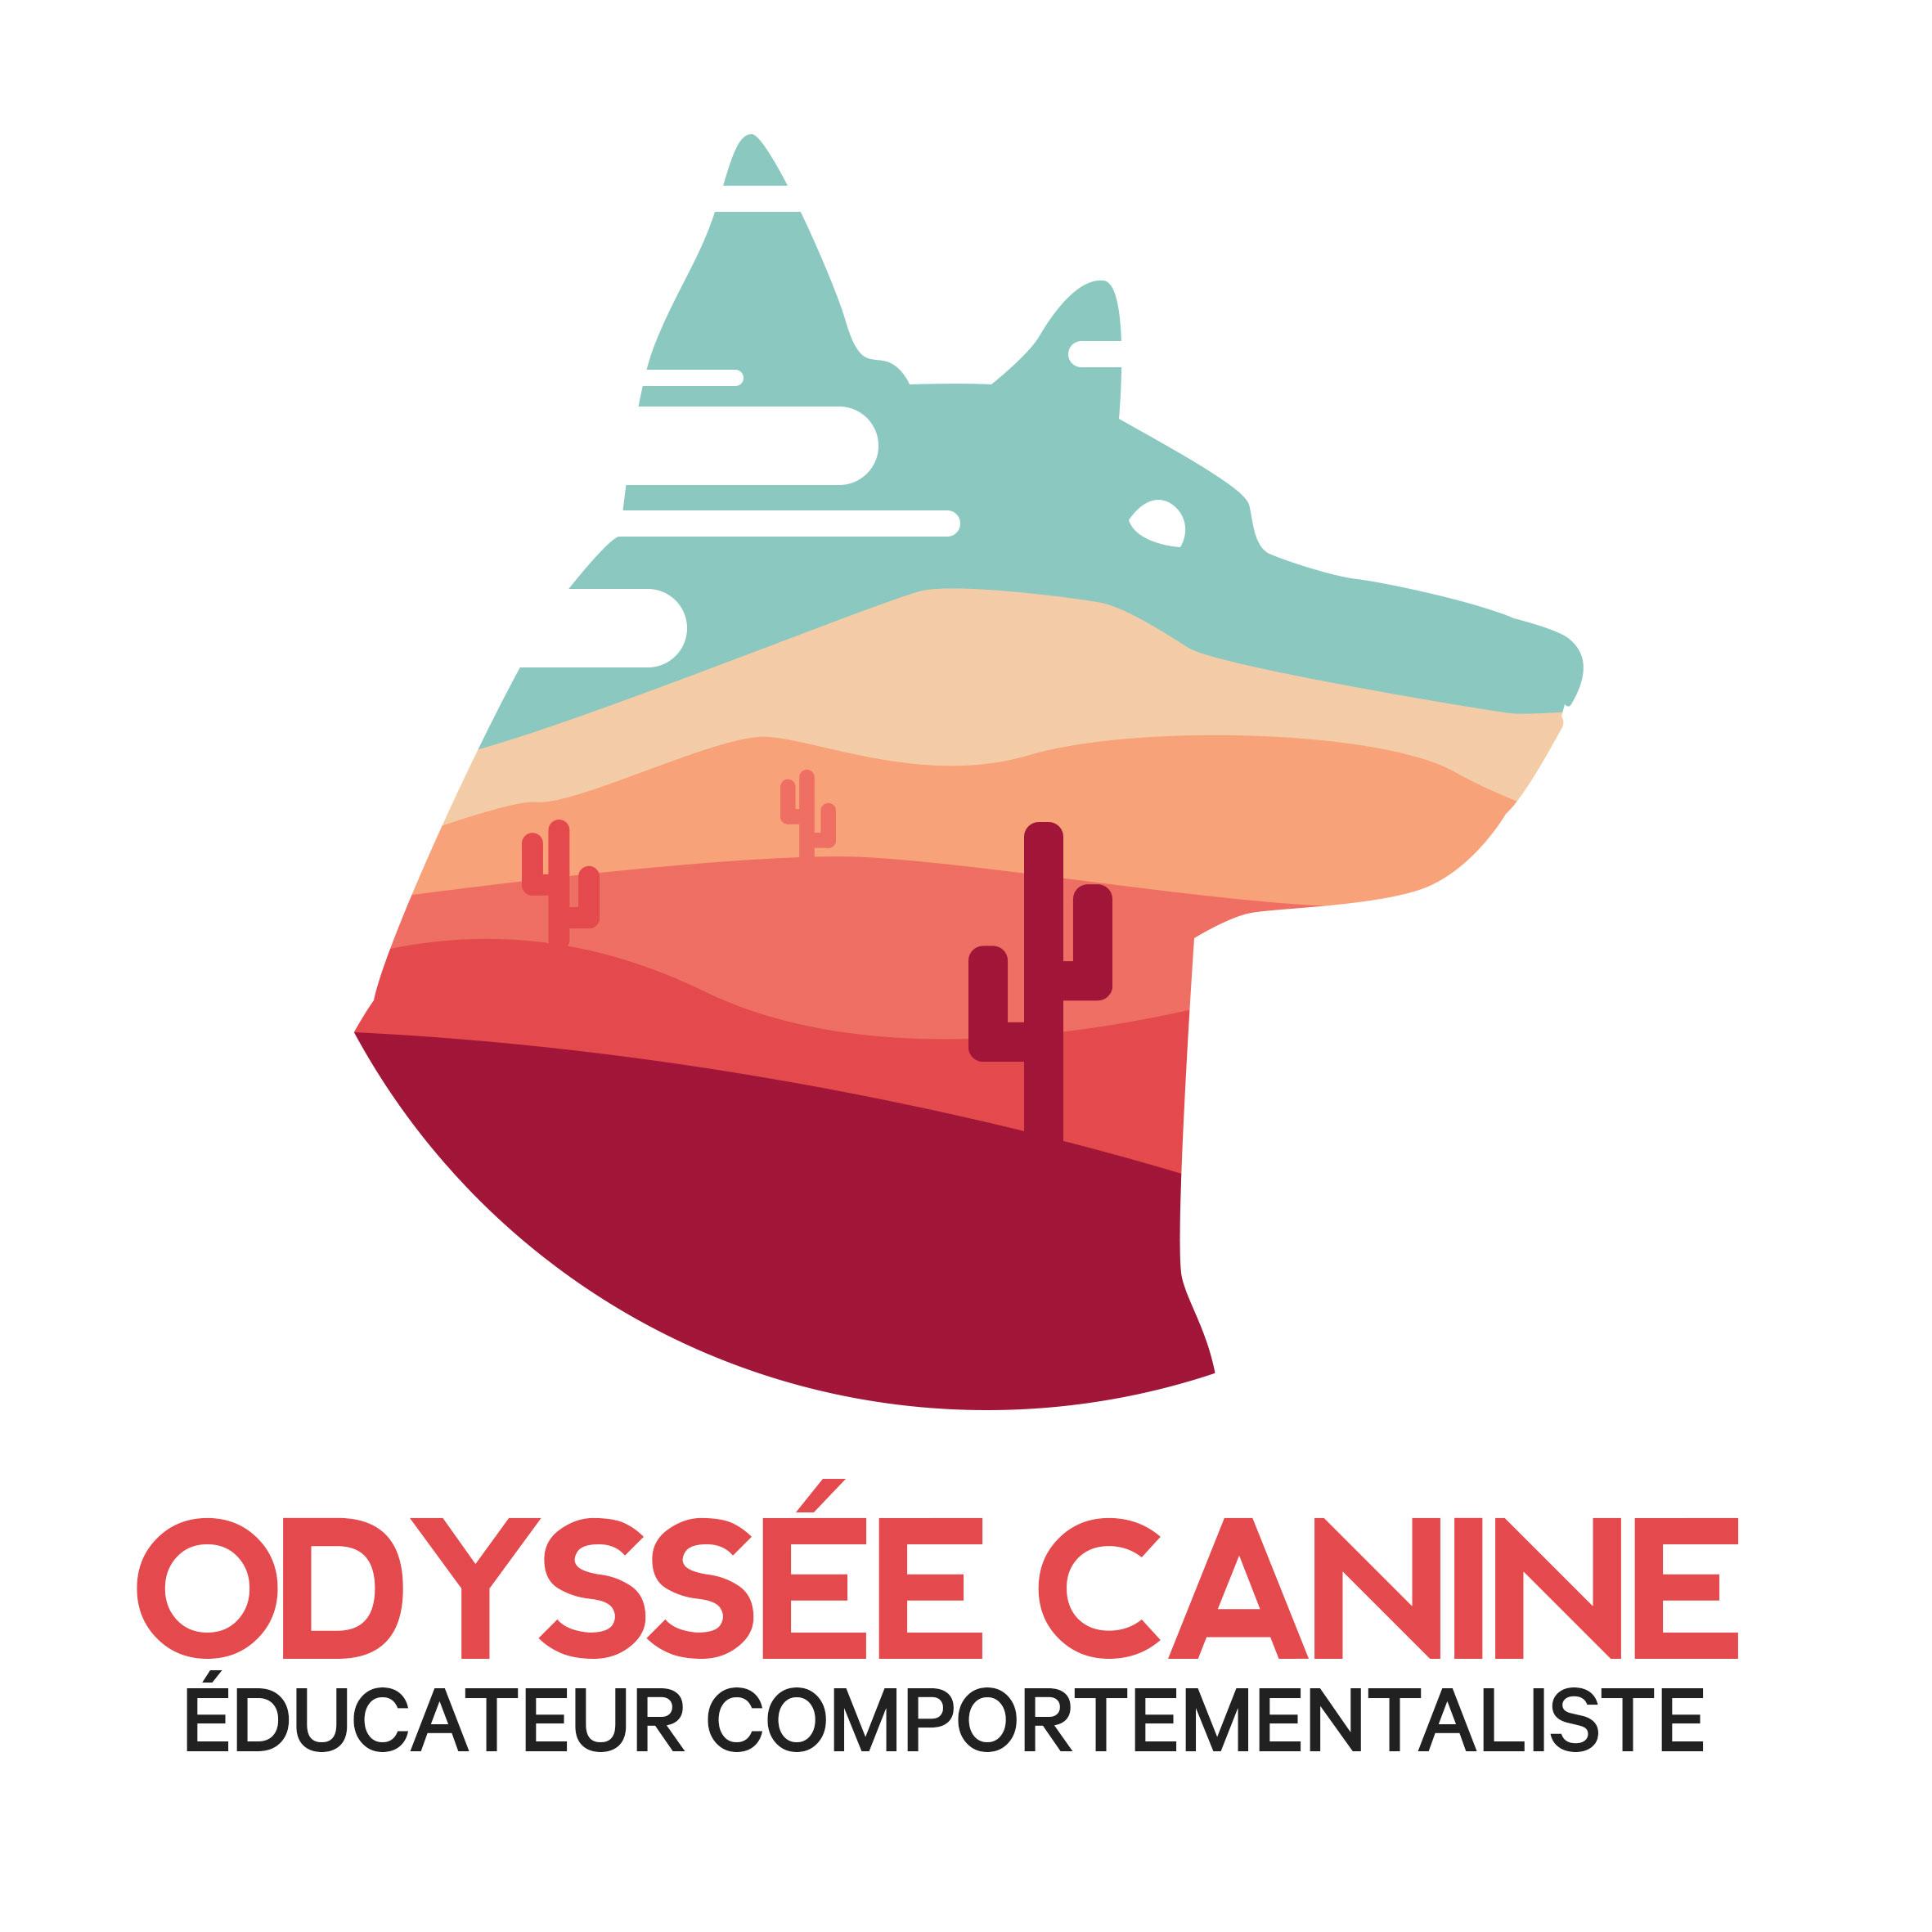 OdysséeCanineLogo.jpg